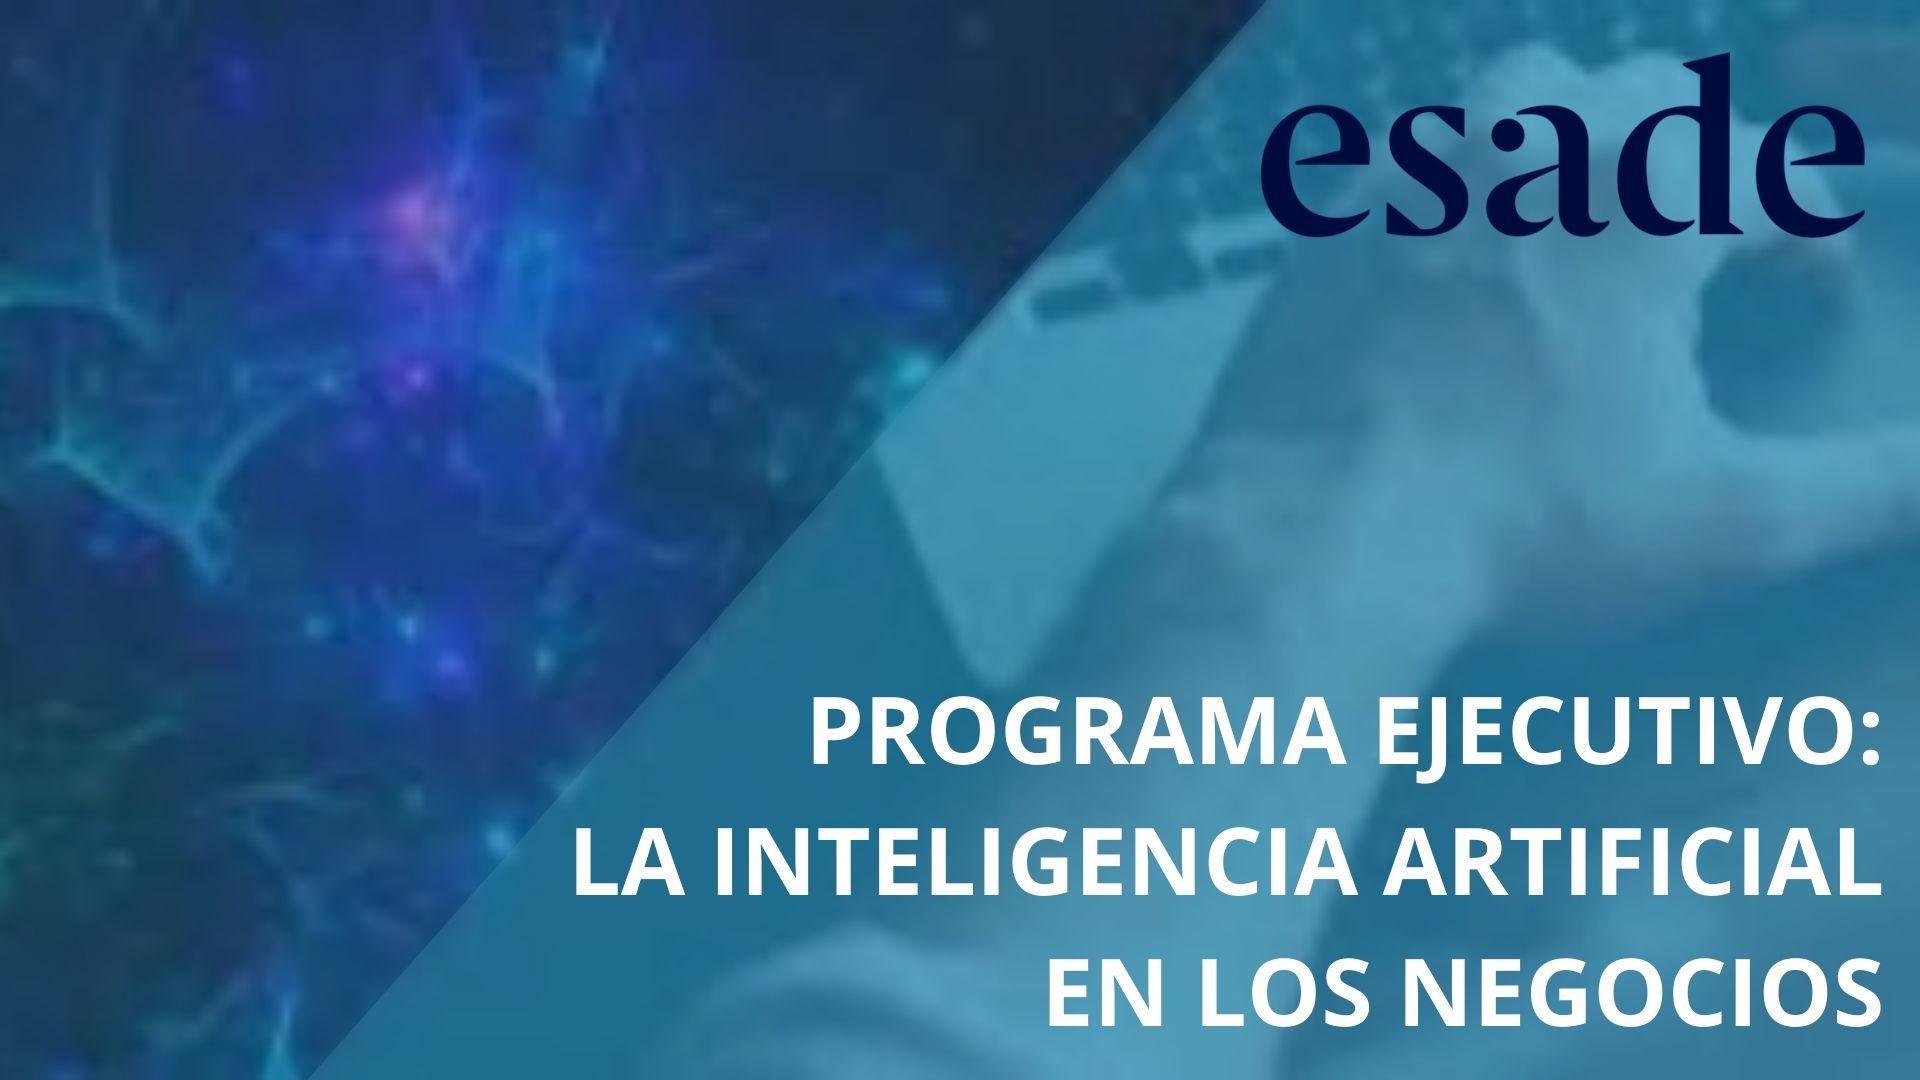 IA EN LOS NEGOCIOS ESADE - Cámara Comercio Murcia